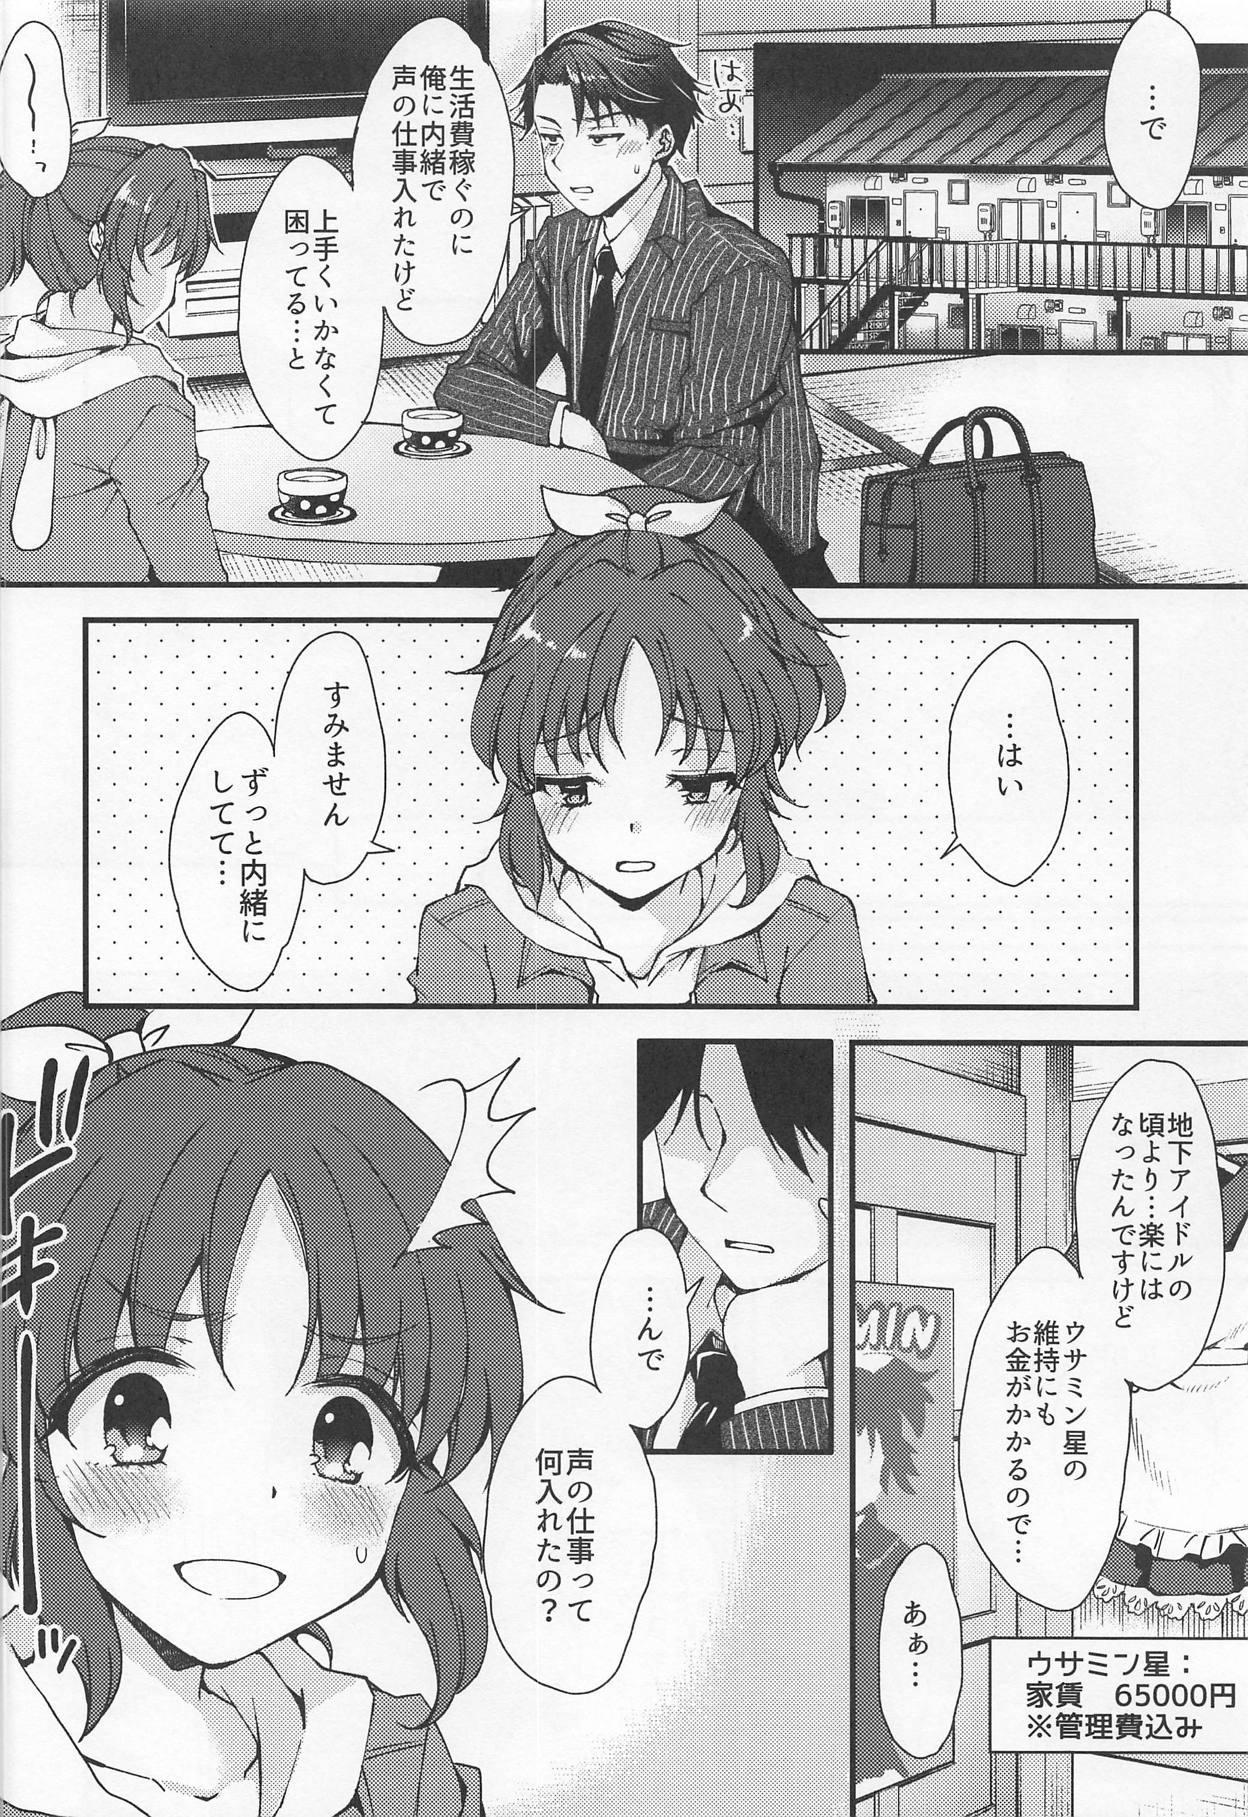 Nana, Ganbarimasu! - I will do my best! 4